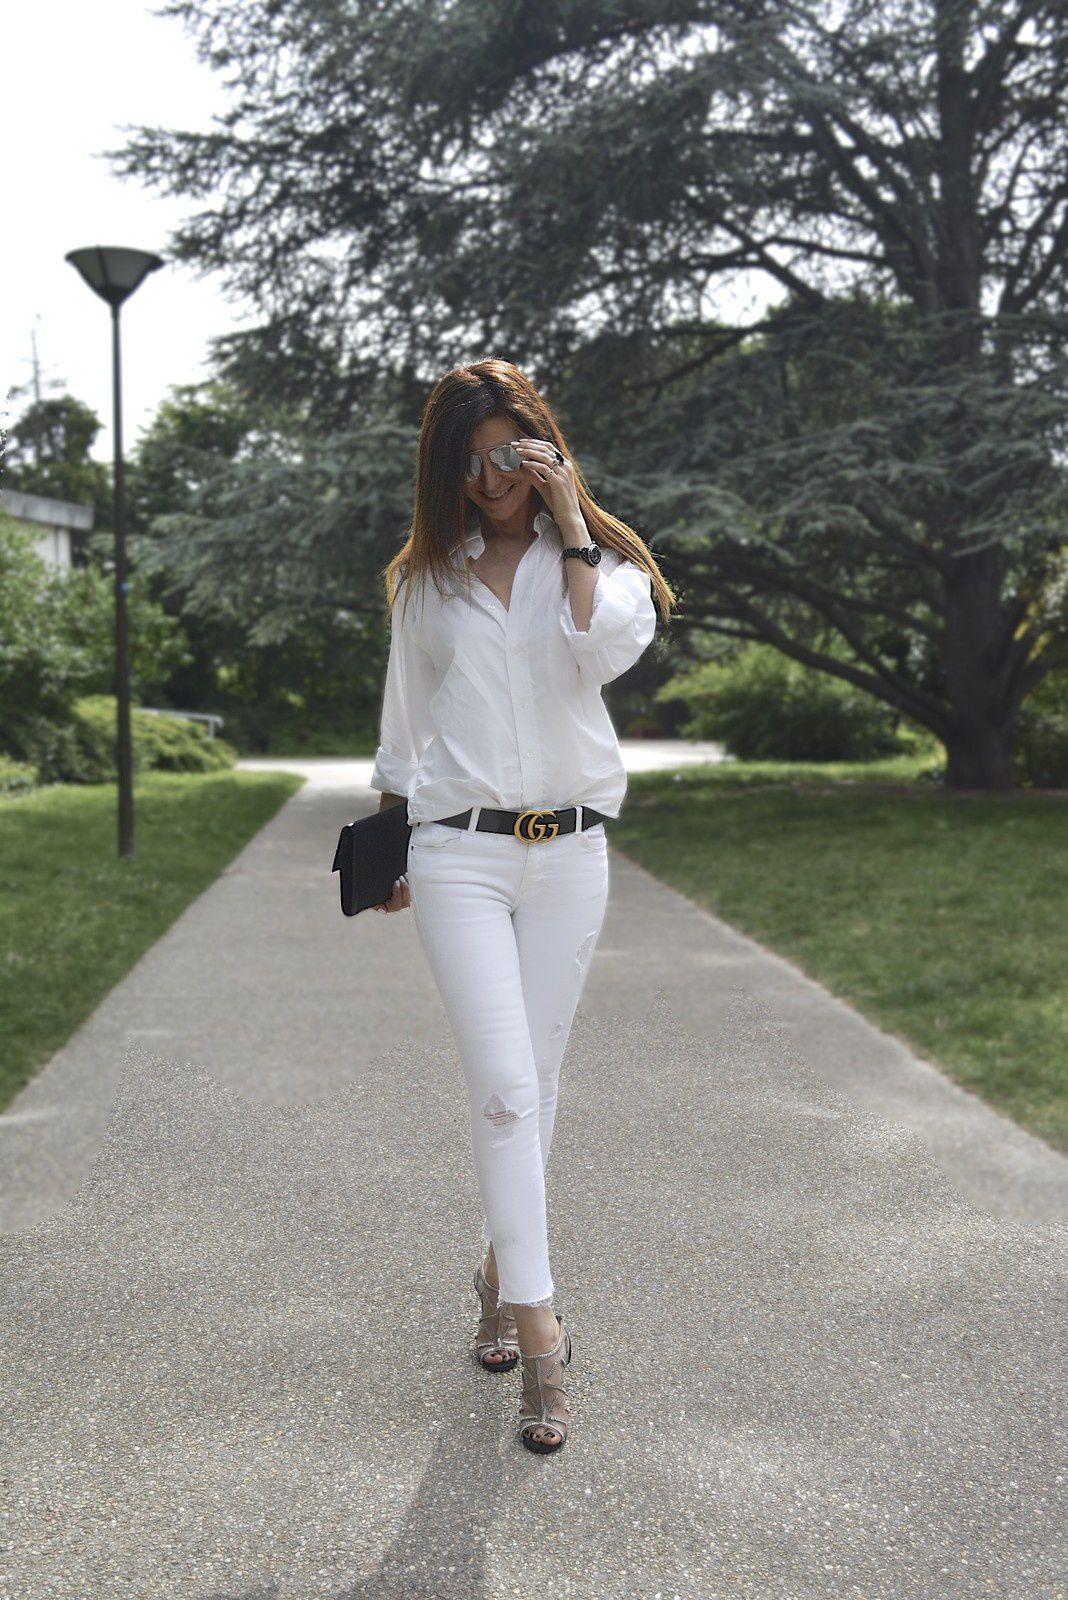 White on white ☁️